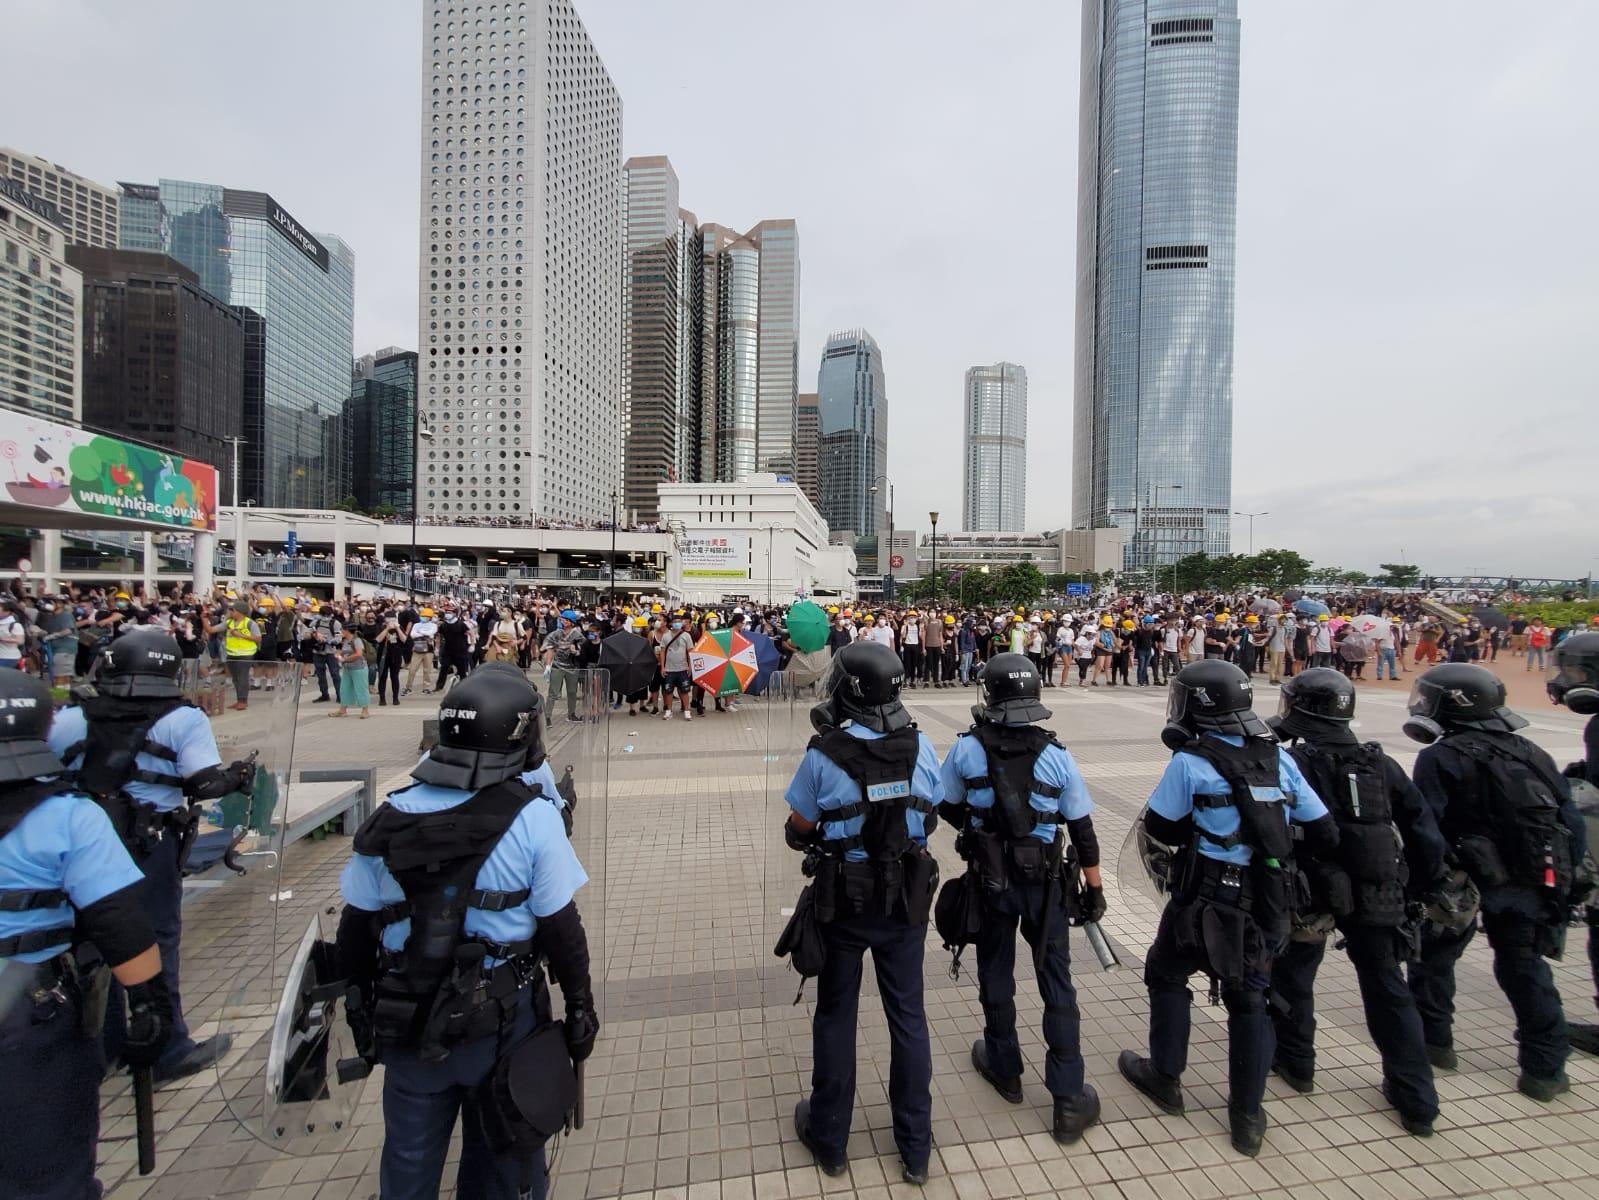 中環海濱有防暴警察戒備